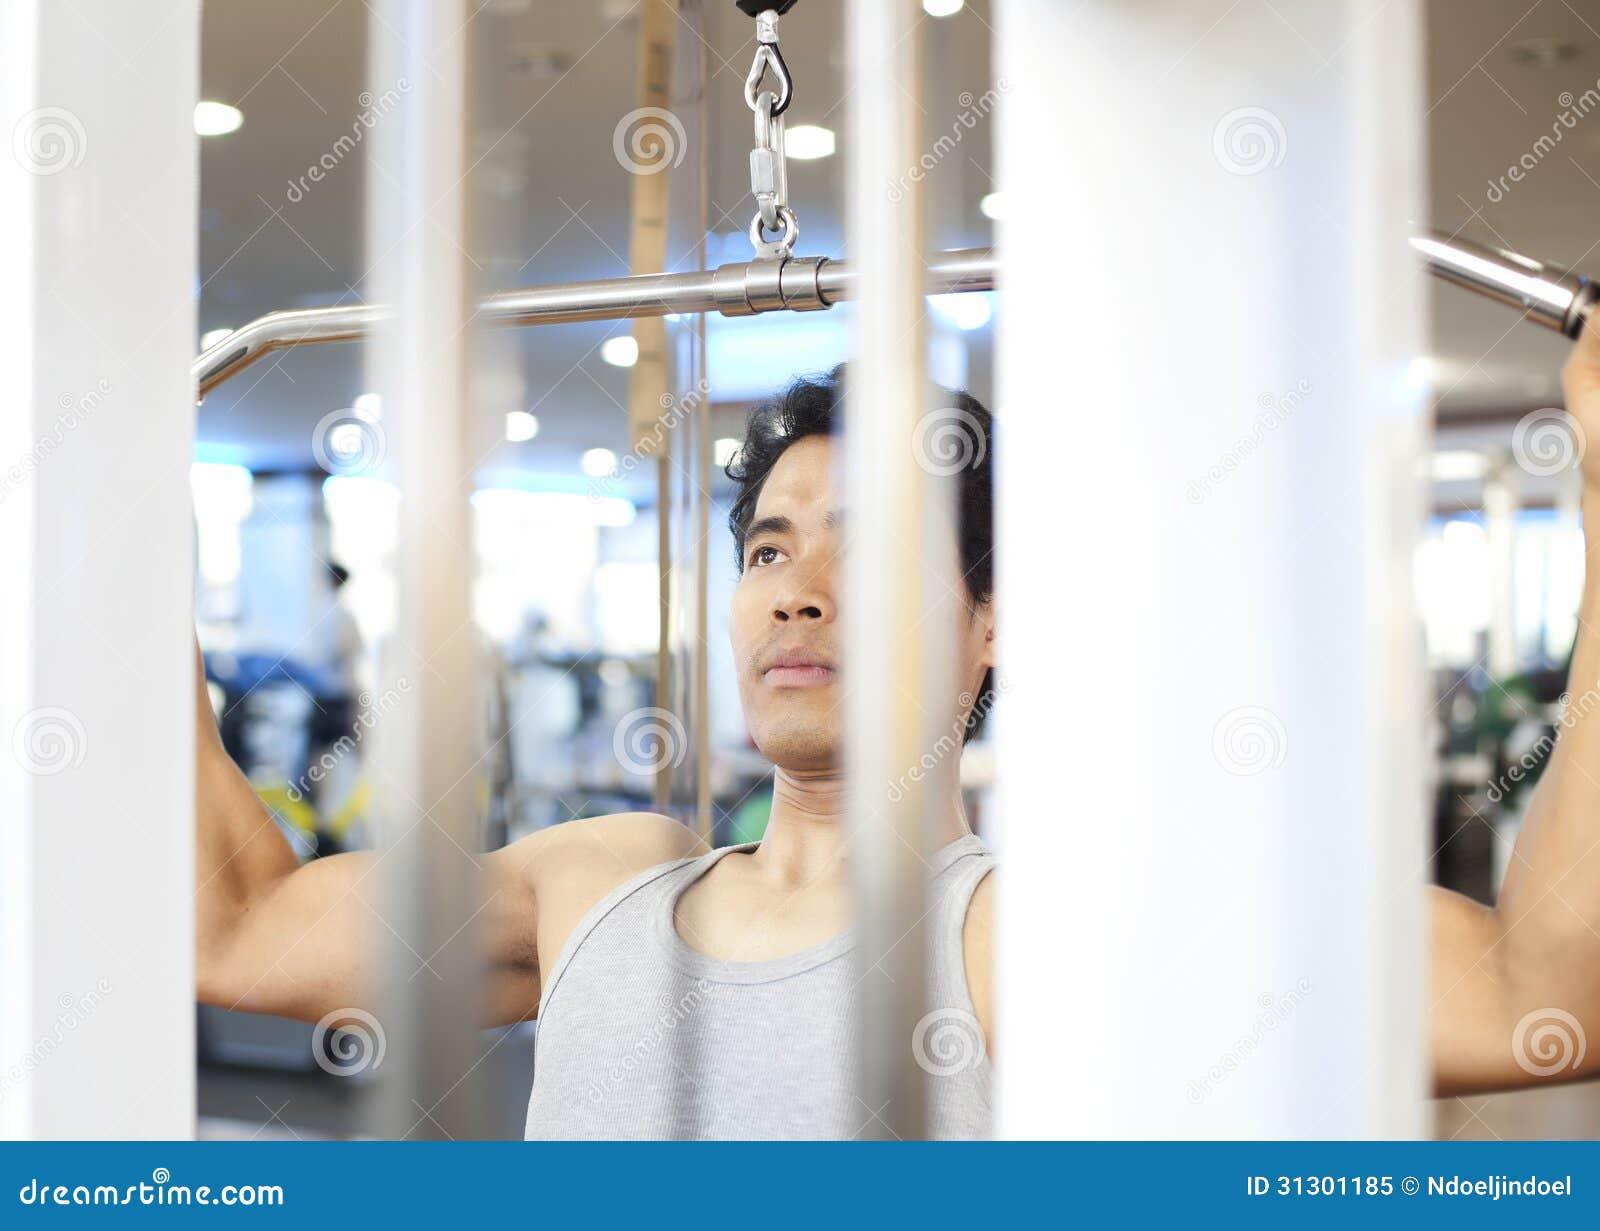 Entrenamiento del gimnasio del hombre for Entrenamiento gimnasio